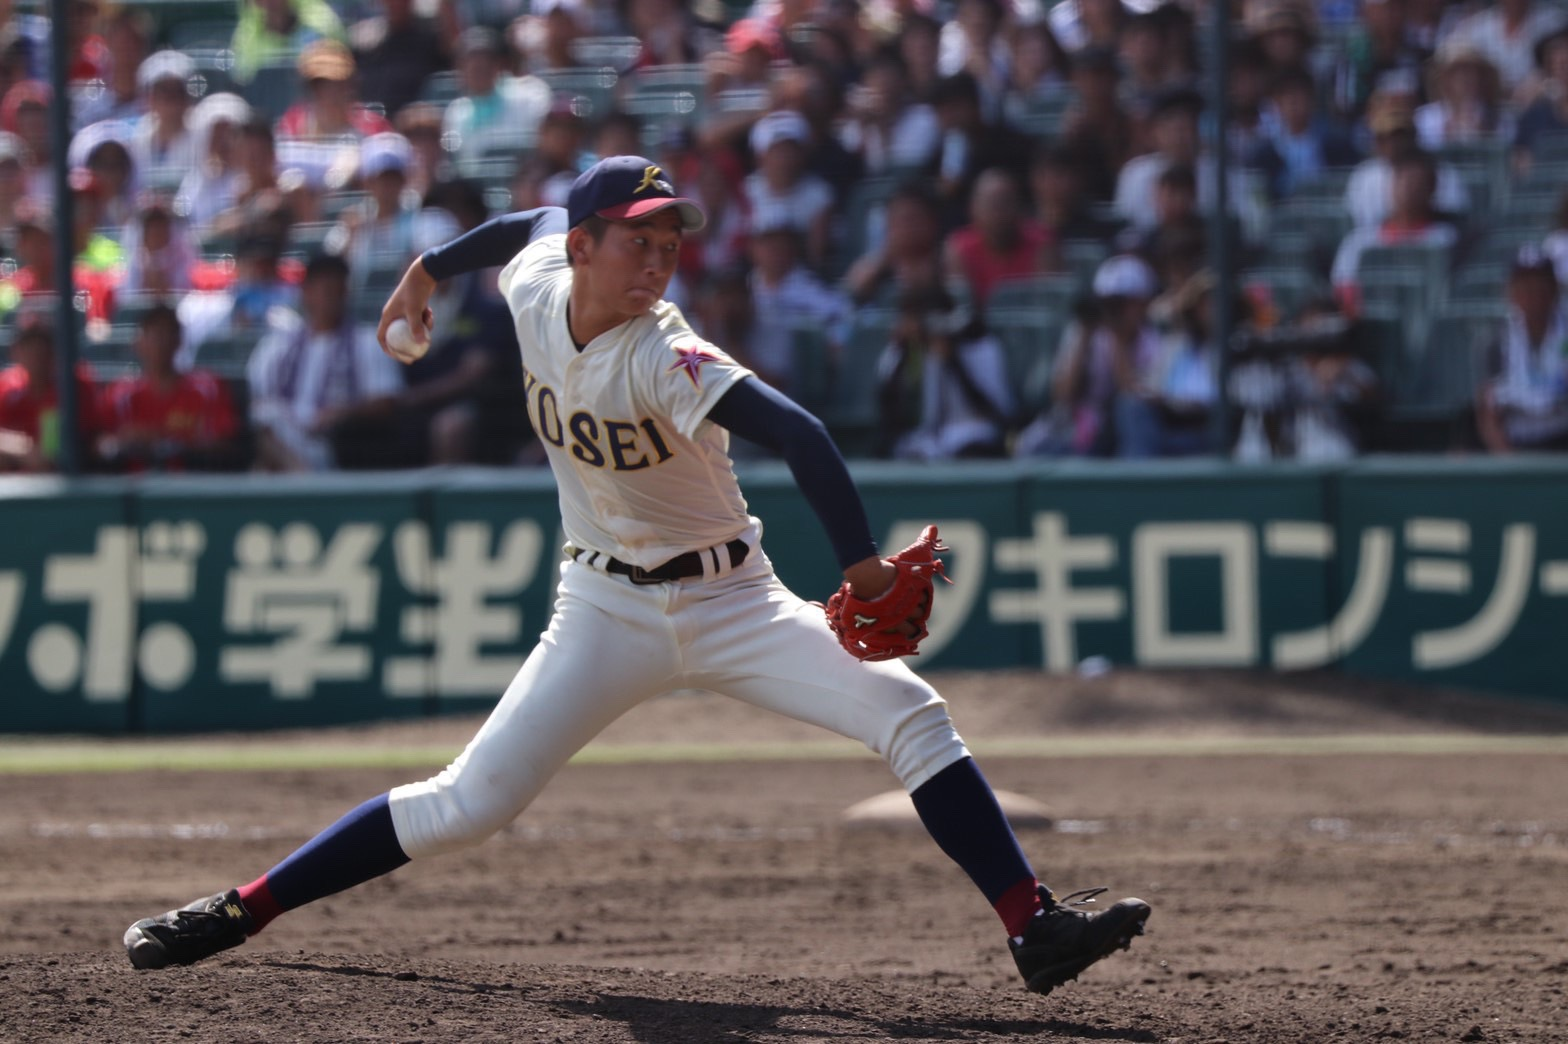 八戸学院光星・山田怜卓投手が来院されました